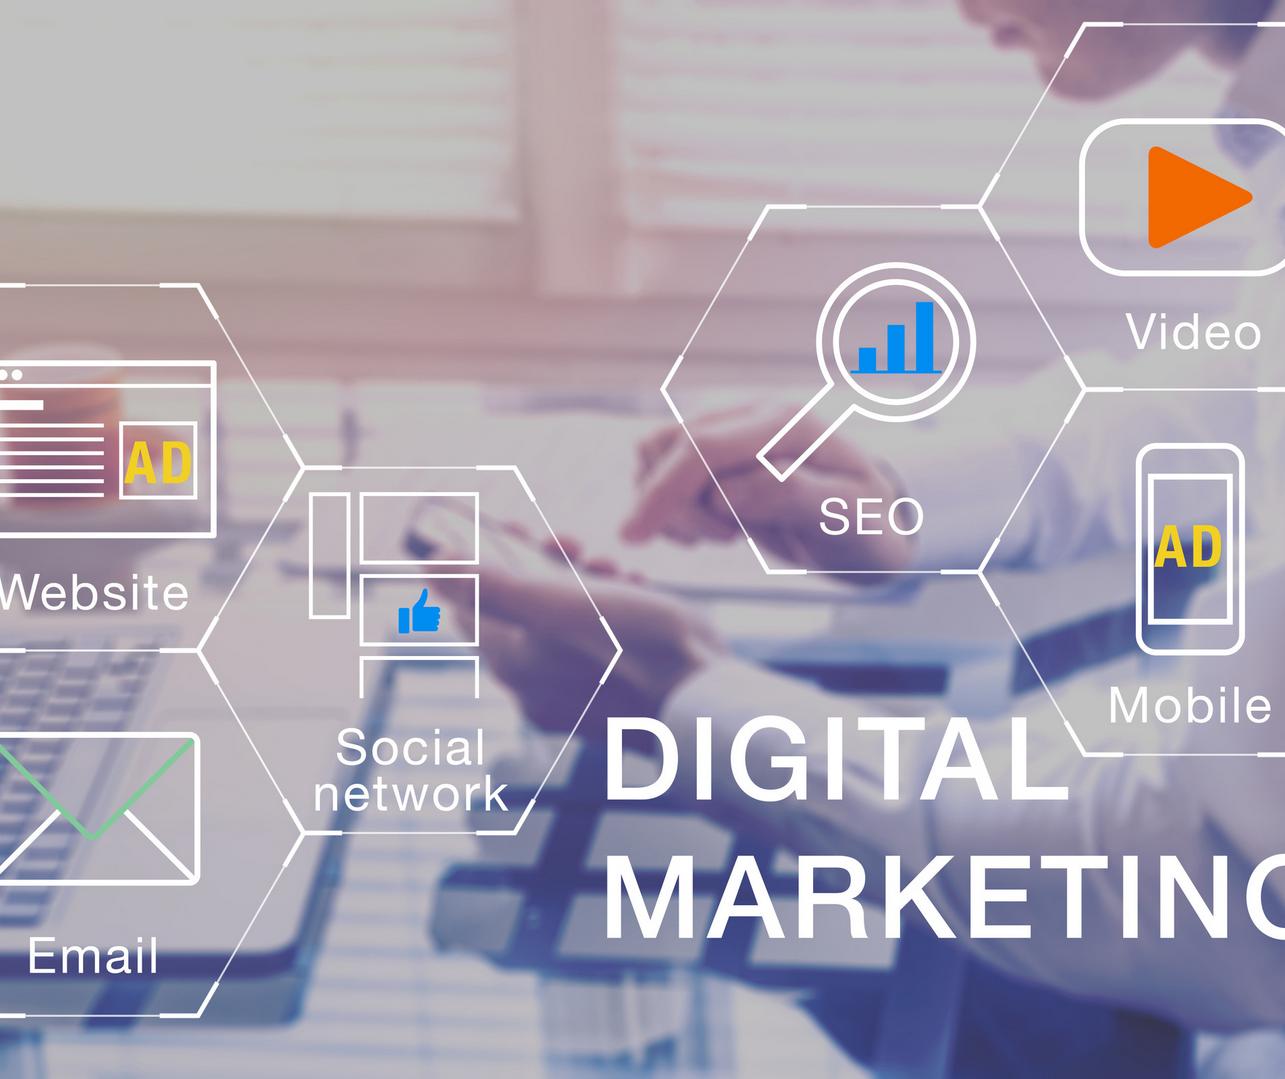 Digitalni marketing: Web shop, Društvene mreže i Web stranica